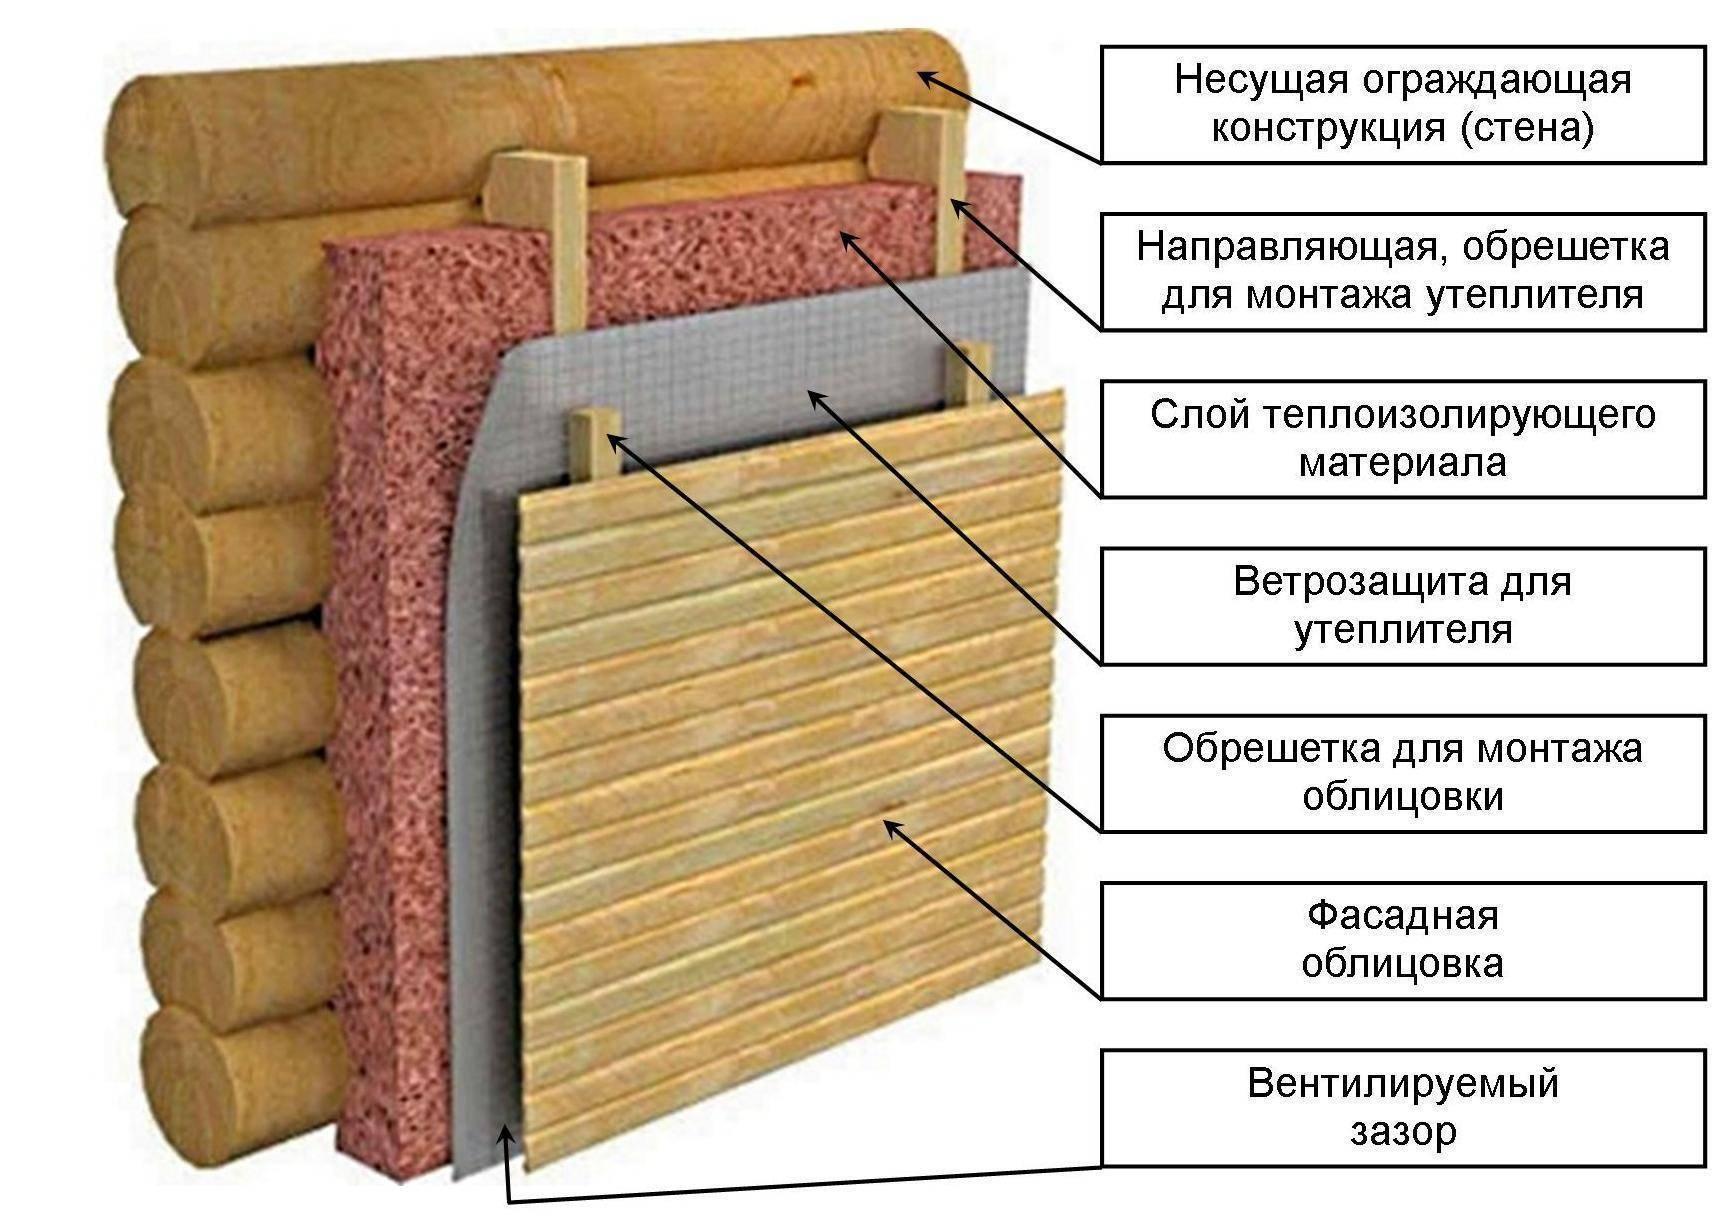 Как утеплить деревянную баню снаружи